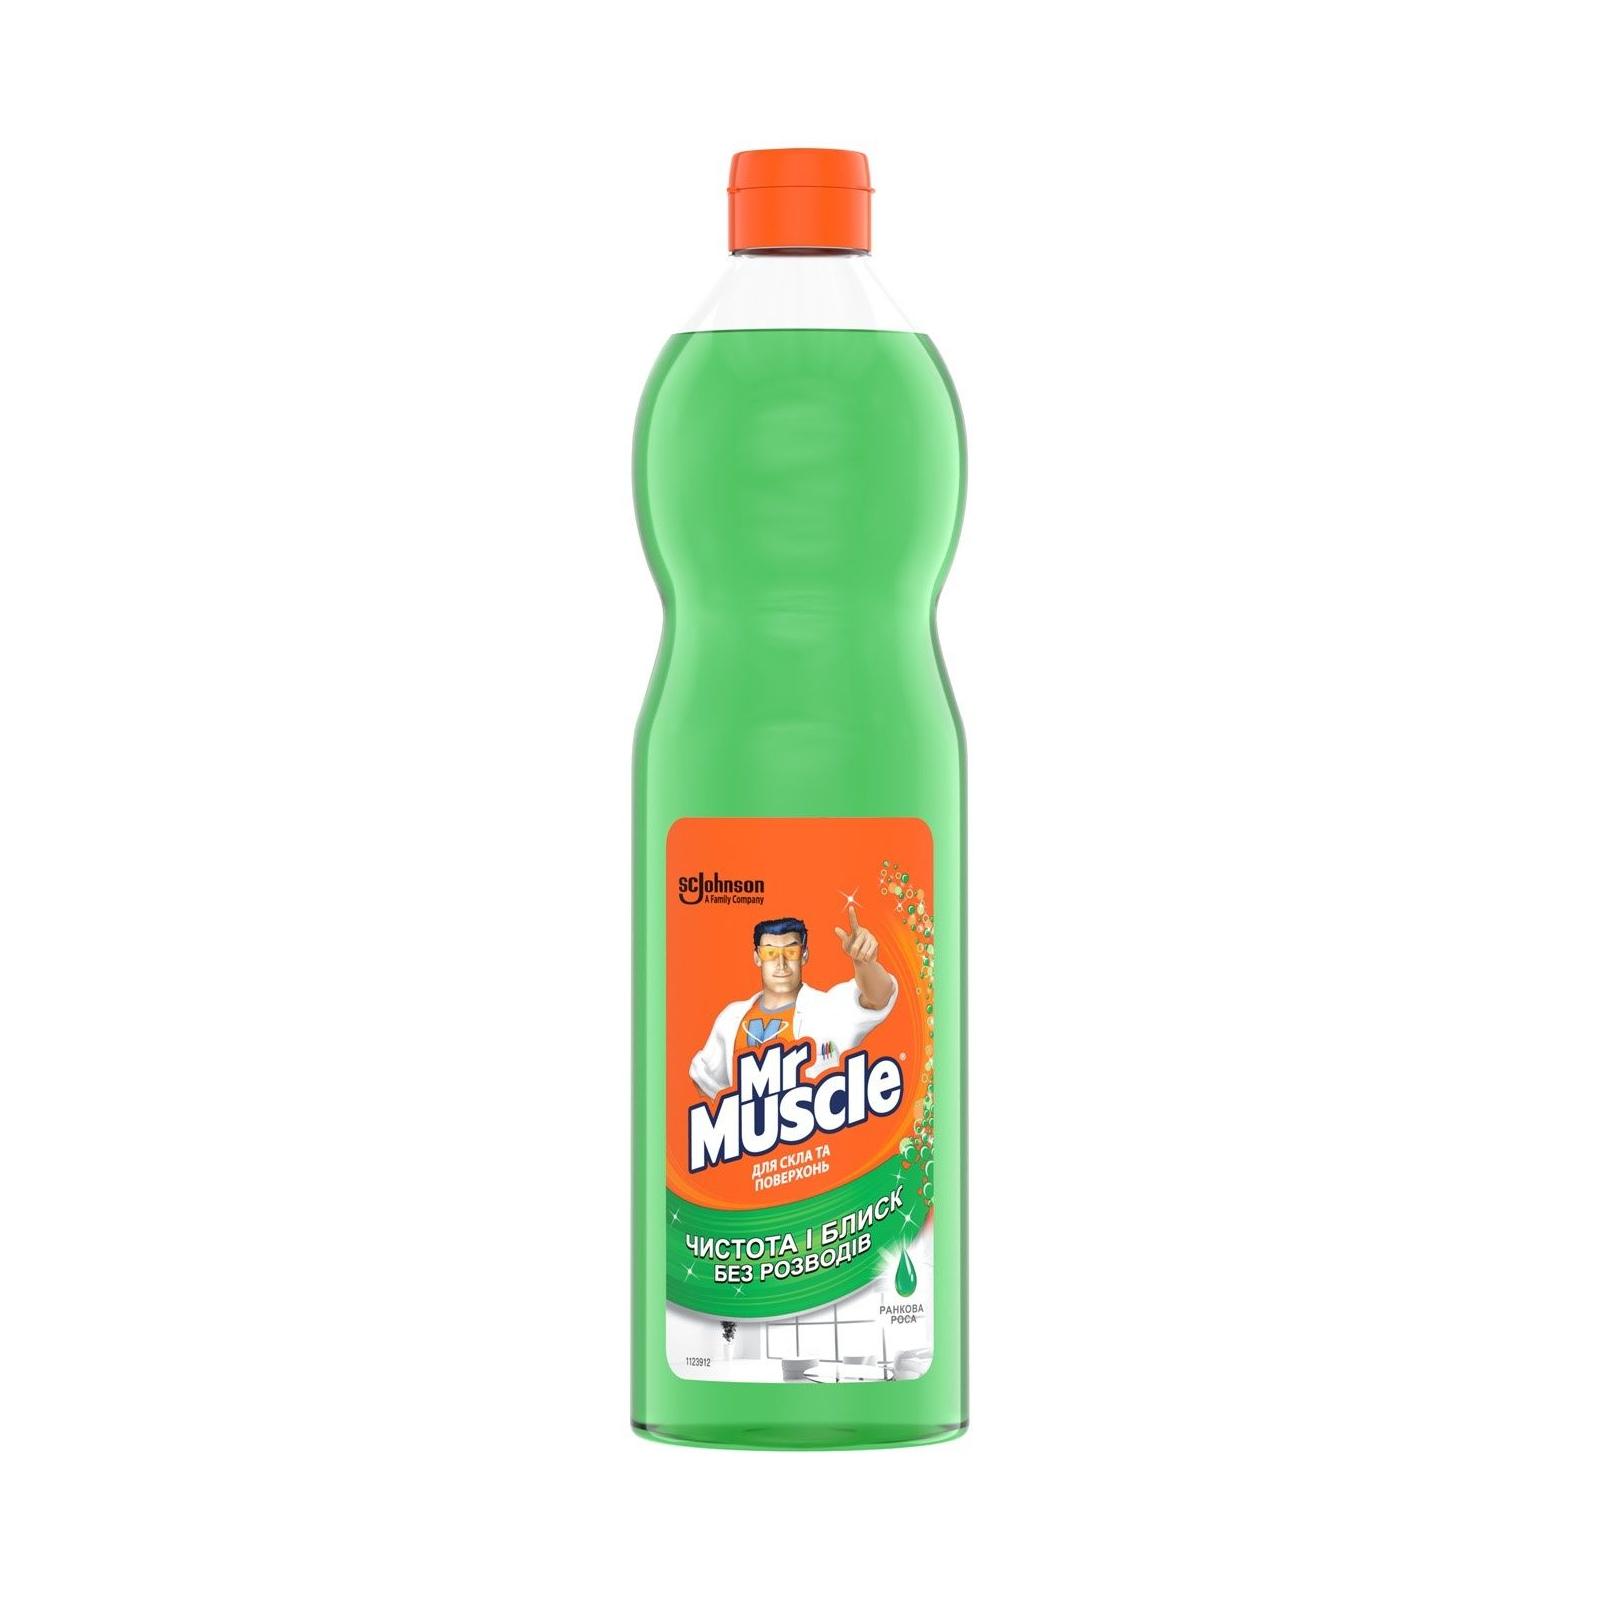 Моющая жидкость для уборки Мистер Мускул для стекол с нашатырным спиртом сменный блок 500 мл (4823002000283)